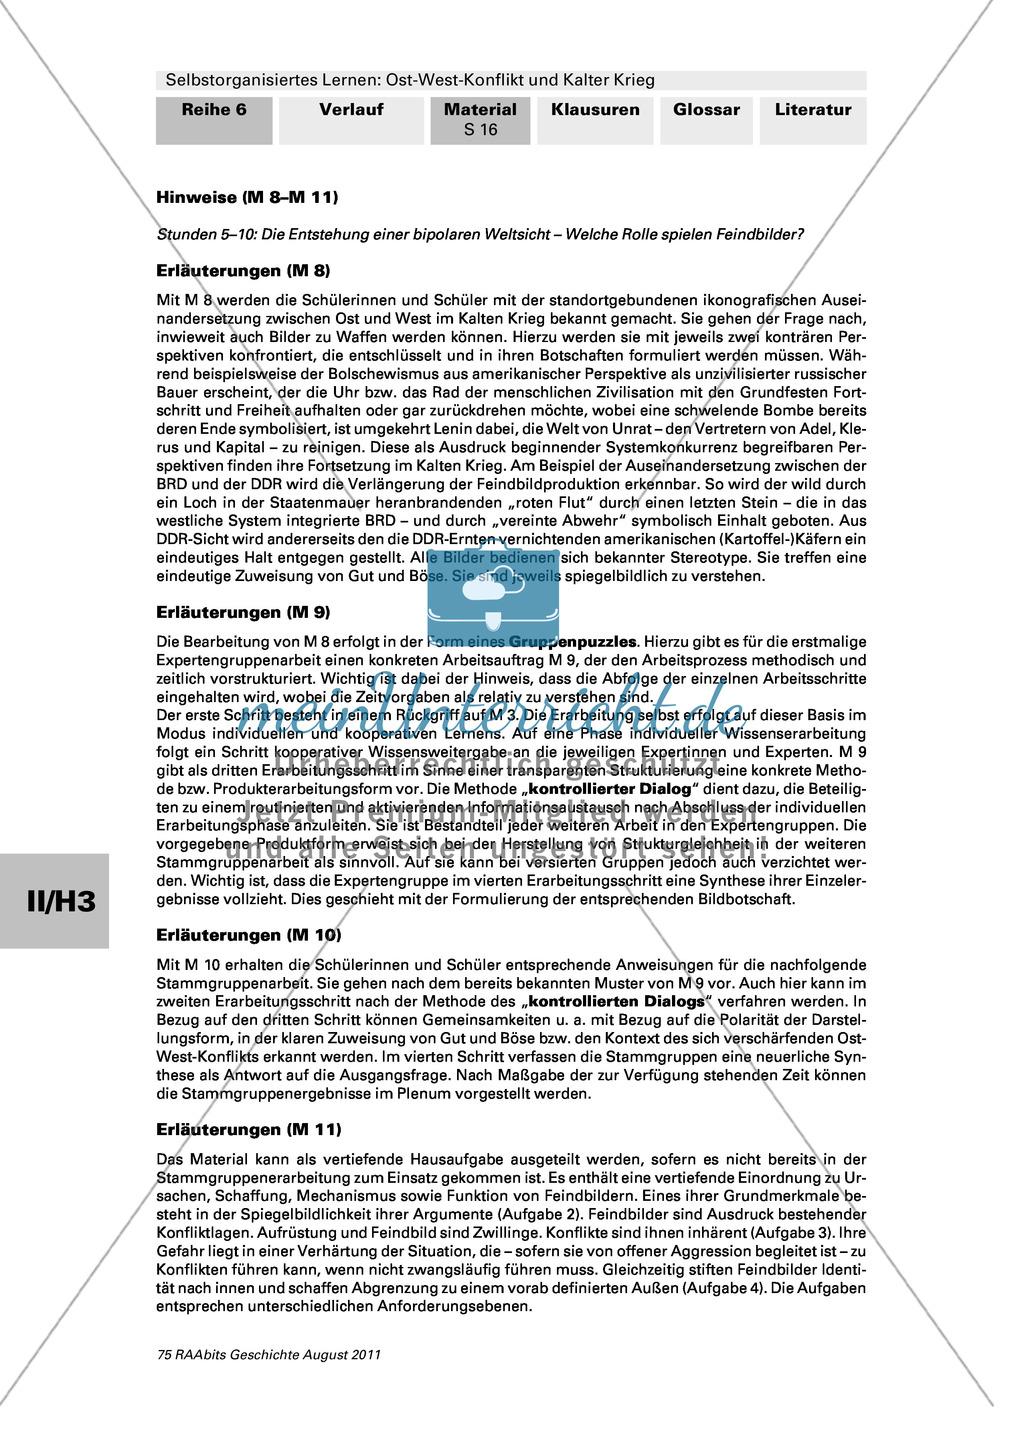 Selbstorganisiertes Lernen: Ost-West-Konflikt und Kalter Krieg: Die Entstehung einer bipolaren Weltsicht + Gruppenpuzzle Preview 5